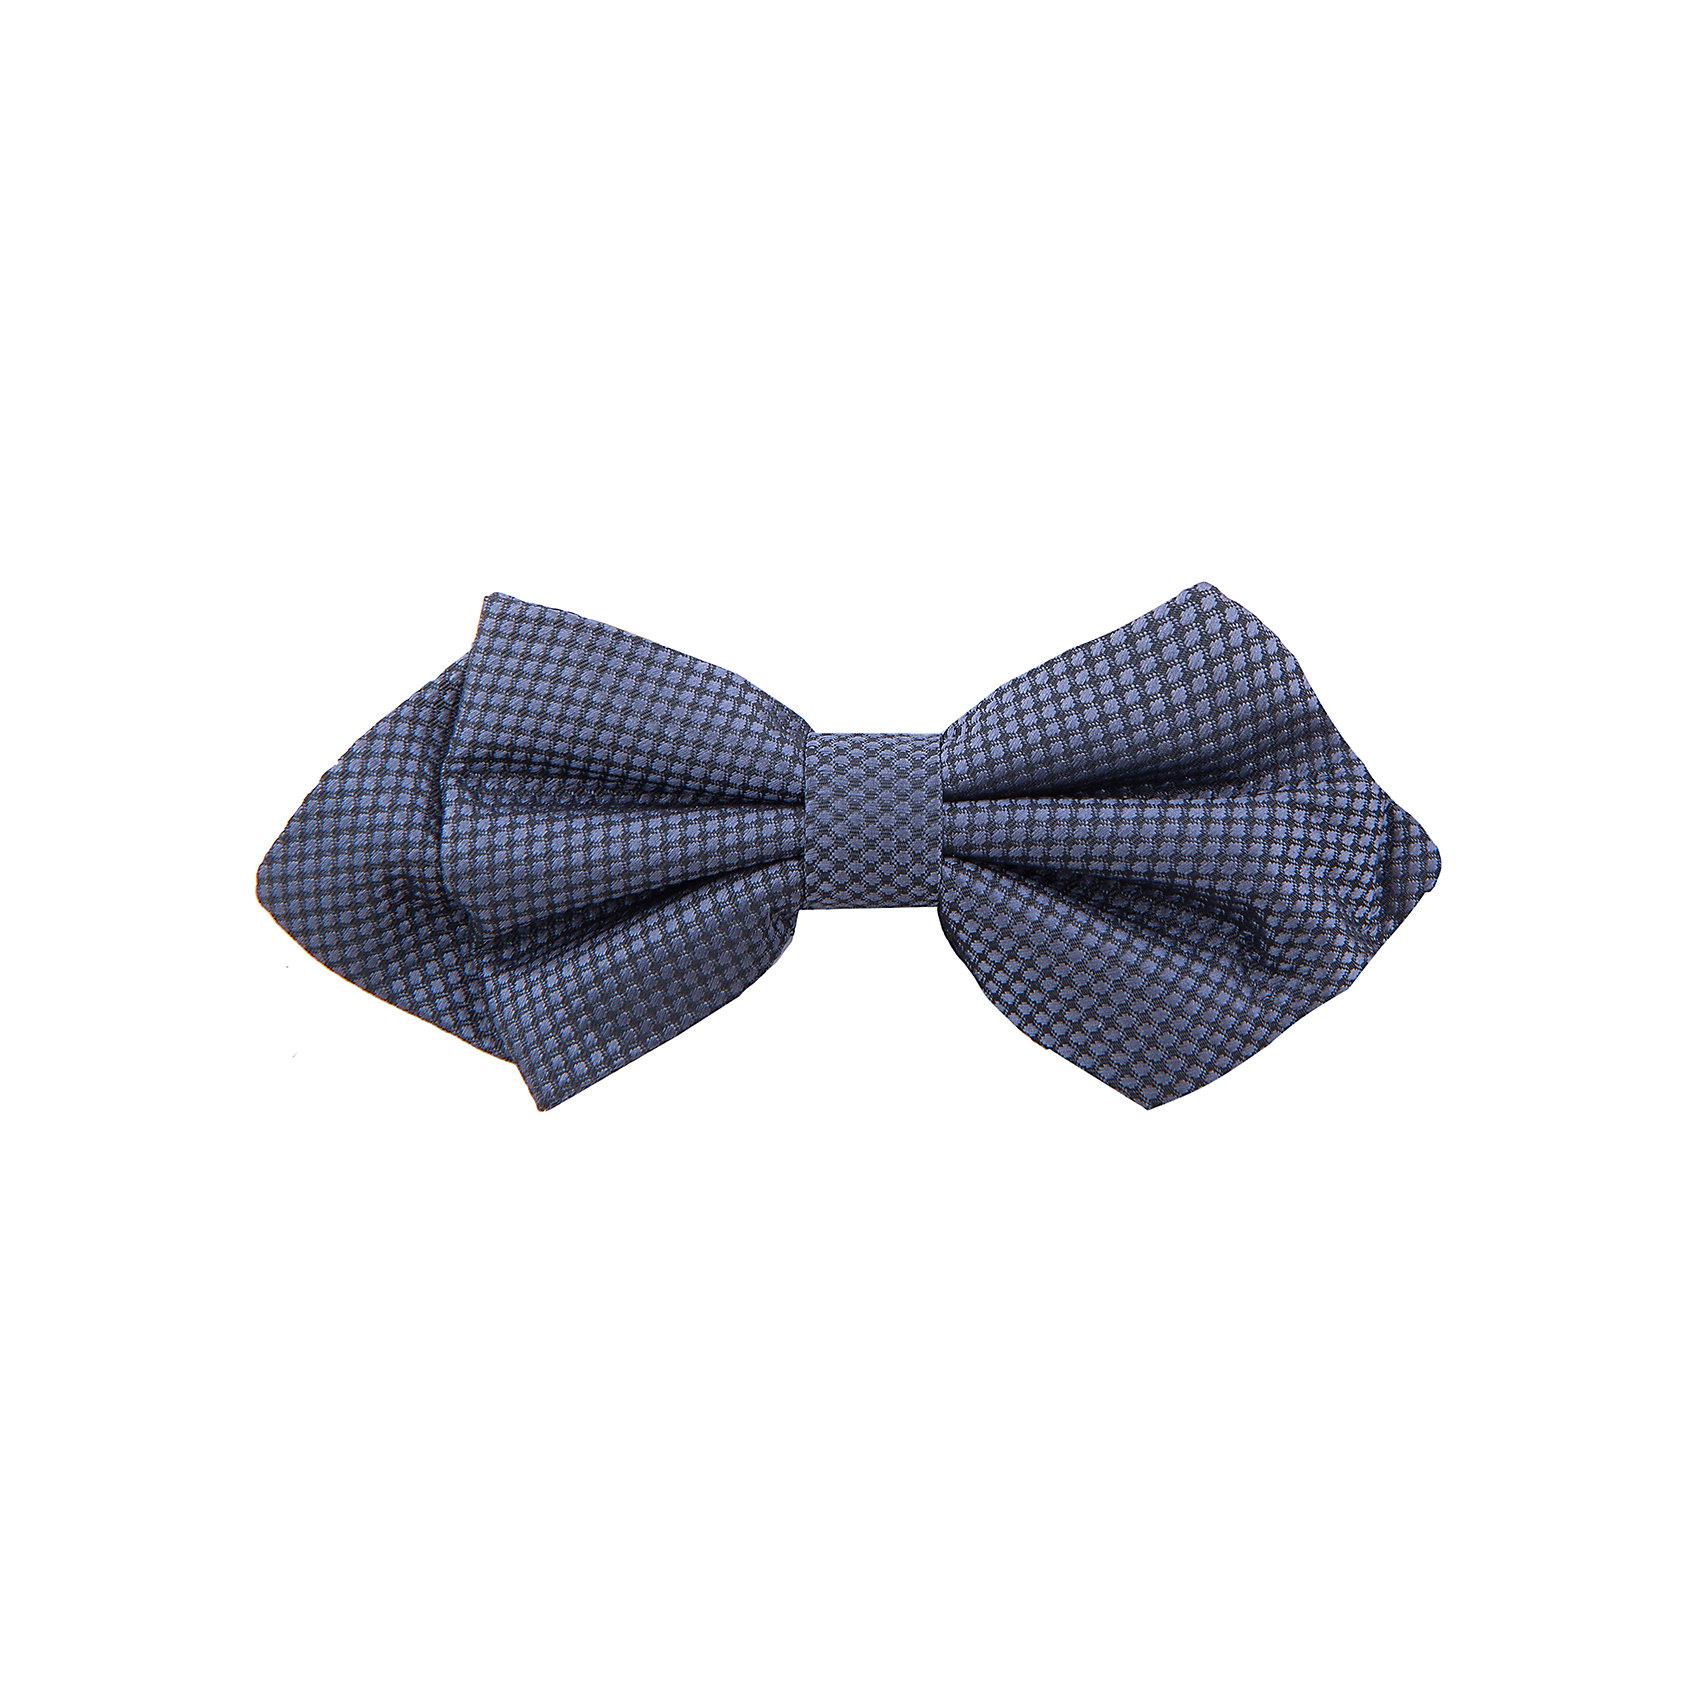 Бабочка для мальчика TsarevichАксессуары<br>Характеристики товара:<br><br>• цвет: синий;<br>• состав: 100% полиэстер;<br>• сезон: круглый год;<br>• галстук на прищепке;<br>• особенности: школьный, в клетку;<br>• страна бренда: Россия;<br>• страна производства: Китай.<br><br>Школьный галстук-бабочка для мальчика. Галстук-бабочка в клетку. Галстук на прищепке, легко крепится к воротнику.<br><br>Галстук-бабочка для мальчика Tsarevich (Царевич) можно купить в нашем интернет-магазине.<br><br>Ширина мм: 170<br>Глубина мм: 157<br>Высота мм: 67<br>Вес г: 117<br>Цвет: белый<br>Возраст от месяцев: 72<br>Возраст до месяцев: 168<br>Пол: Мужской<br>Возраст: Детский<br>Размер: one size<br>SKU: 6851342